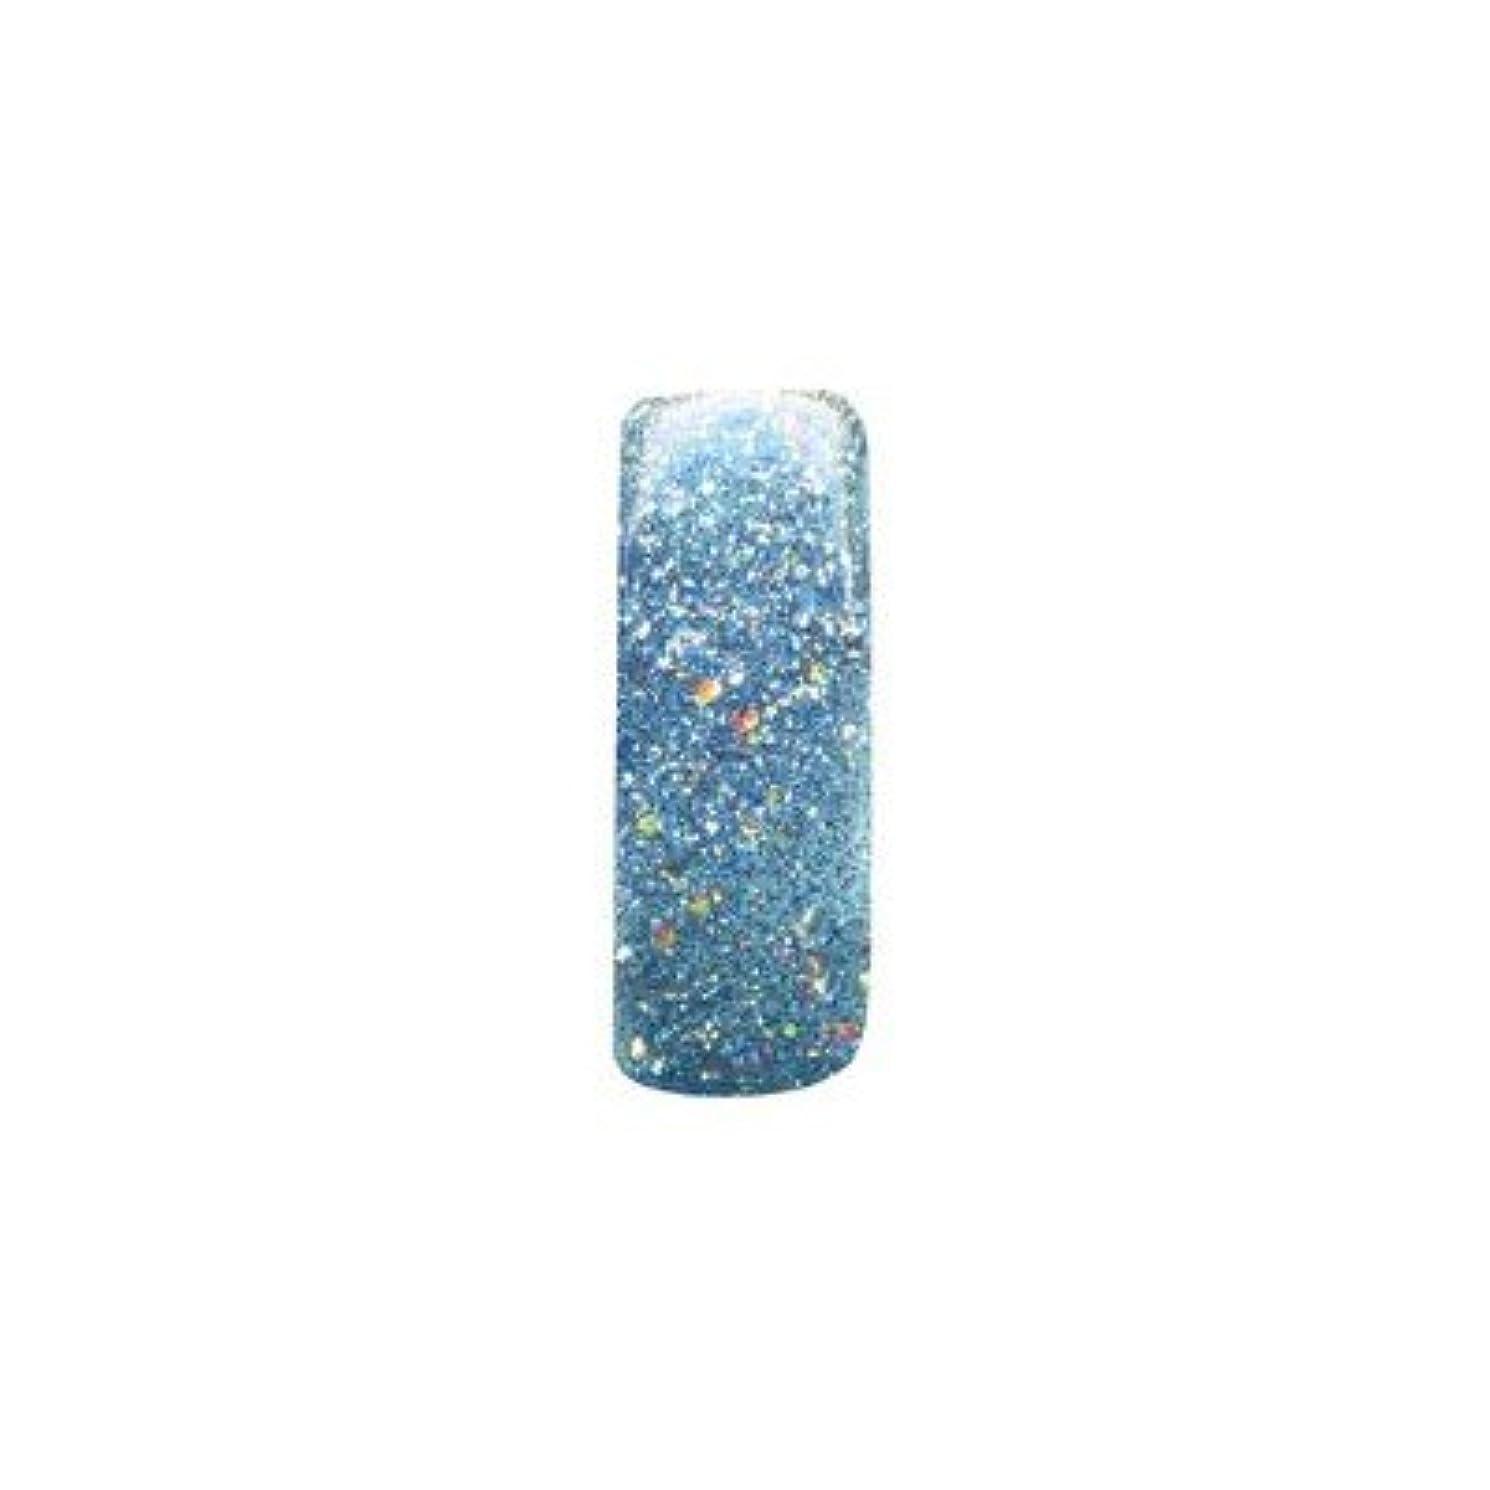 魔女隙間銀河ミス ミラージュ ソークオフジェル H13S ホログラムアクアブルー 2.5g